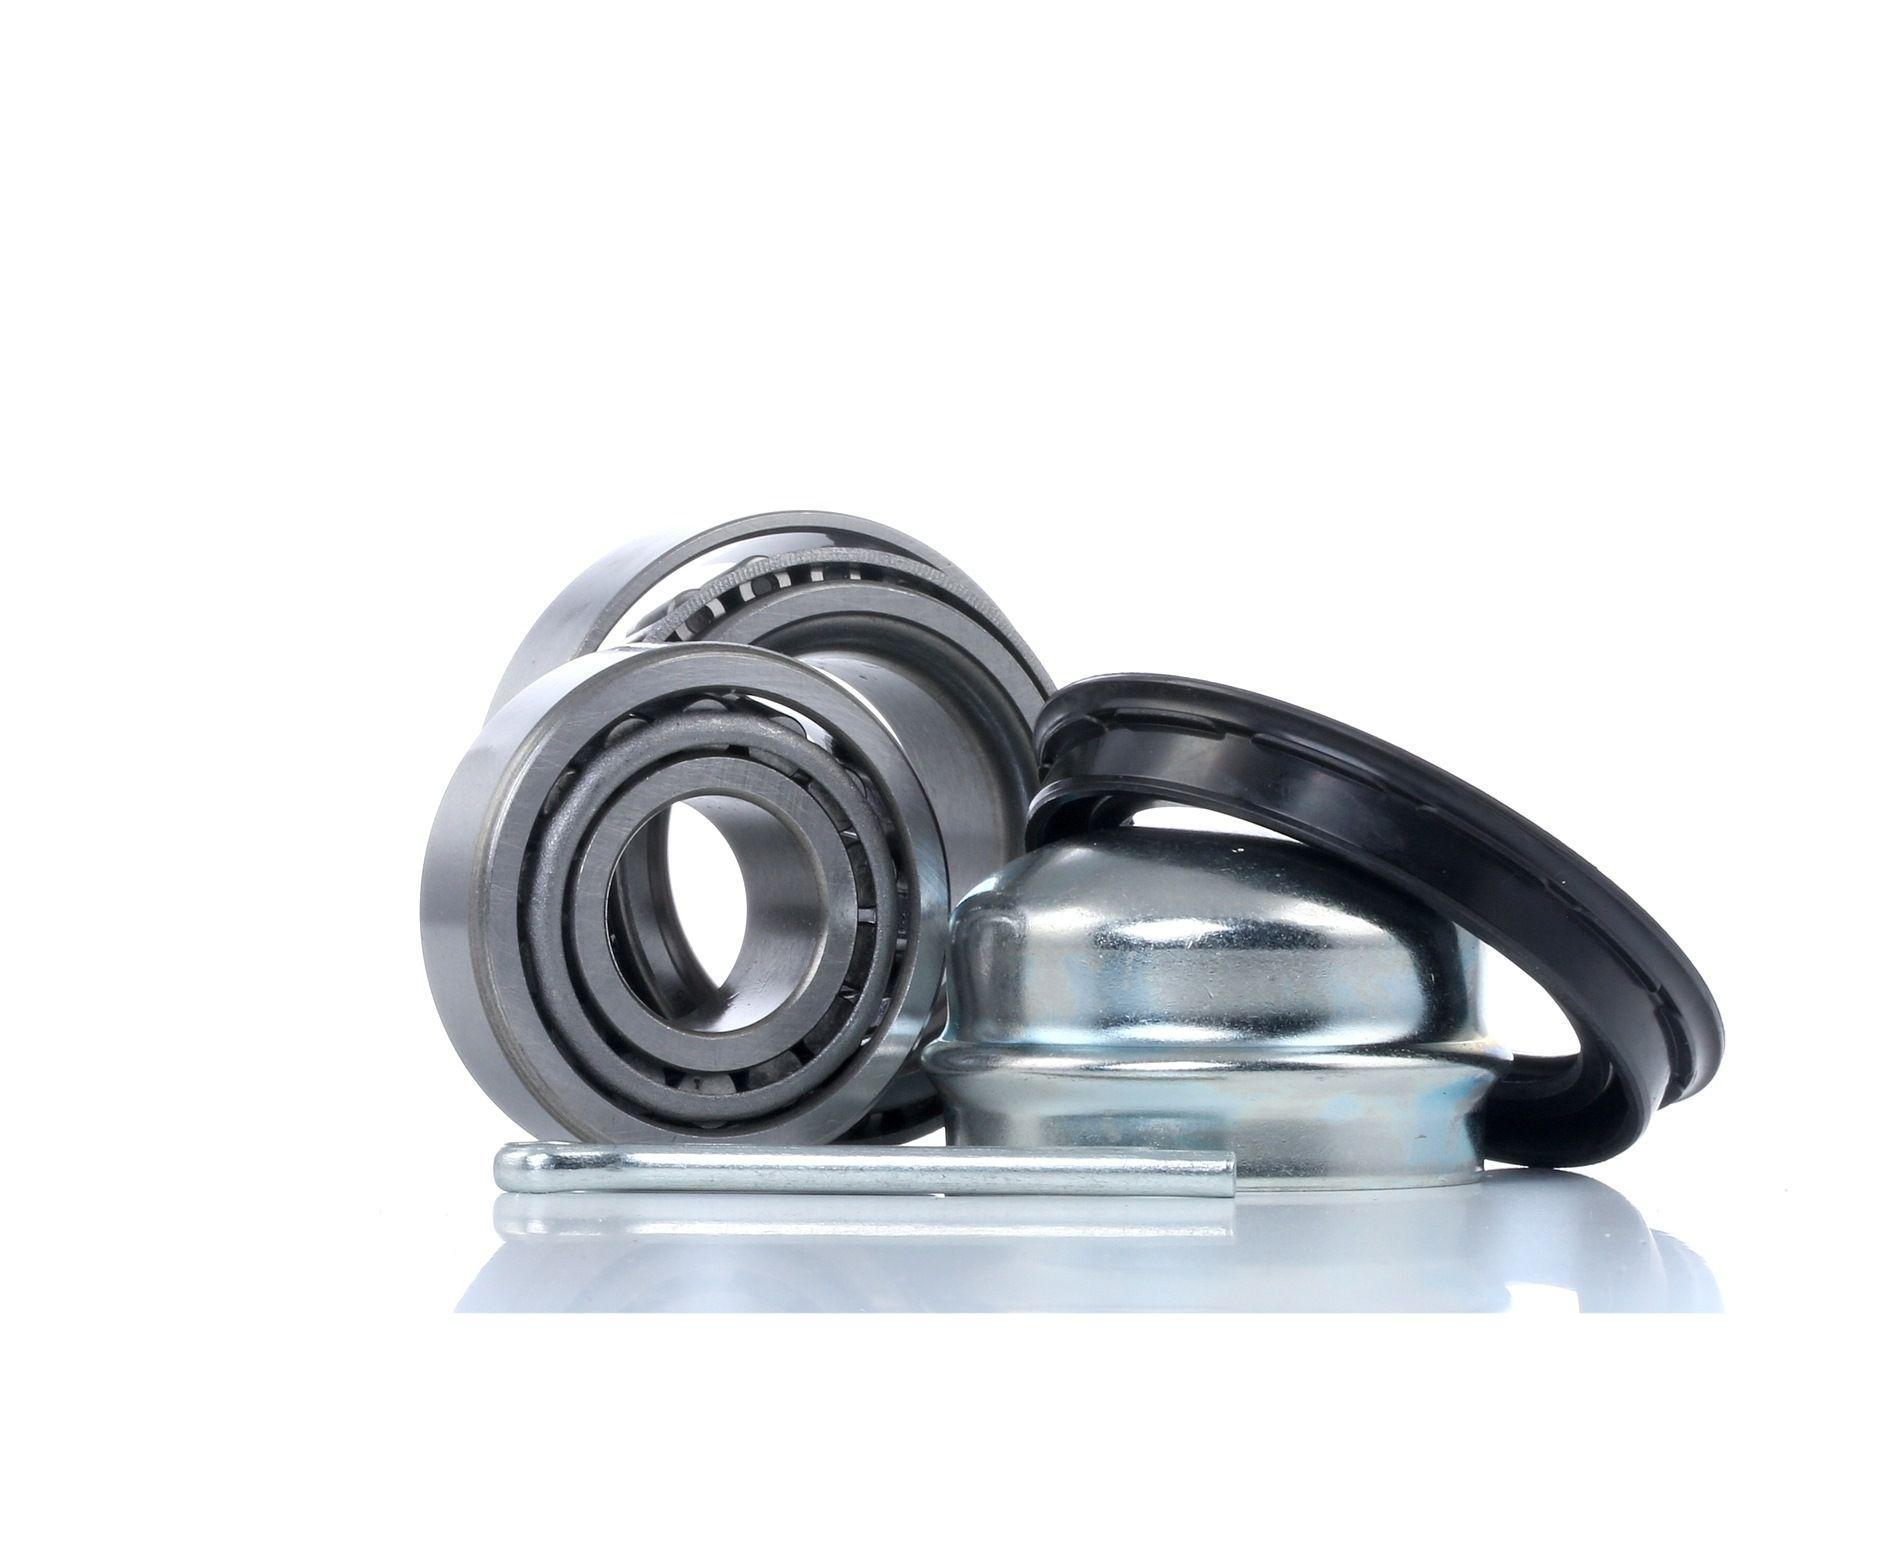 Radlager & Radlagersatz RIDEX 654W0002 Bewertung